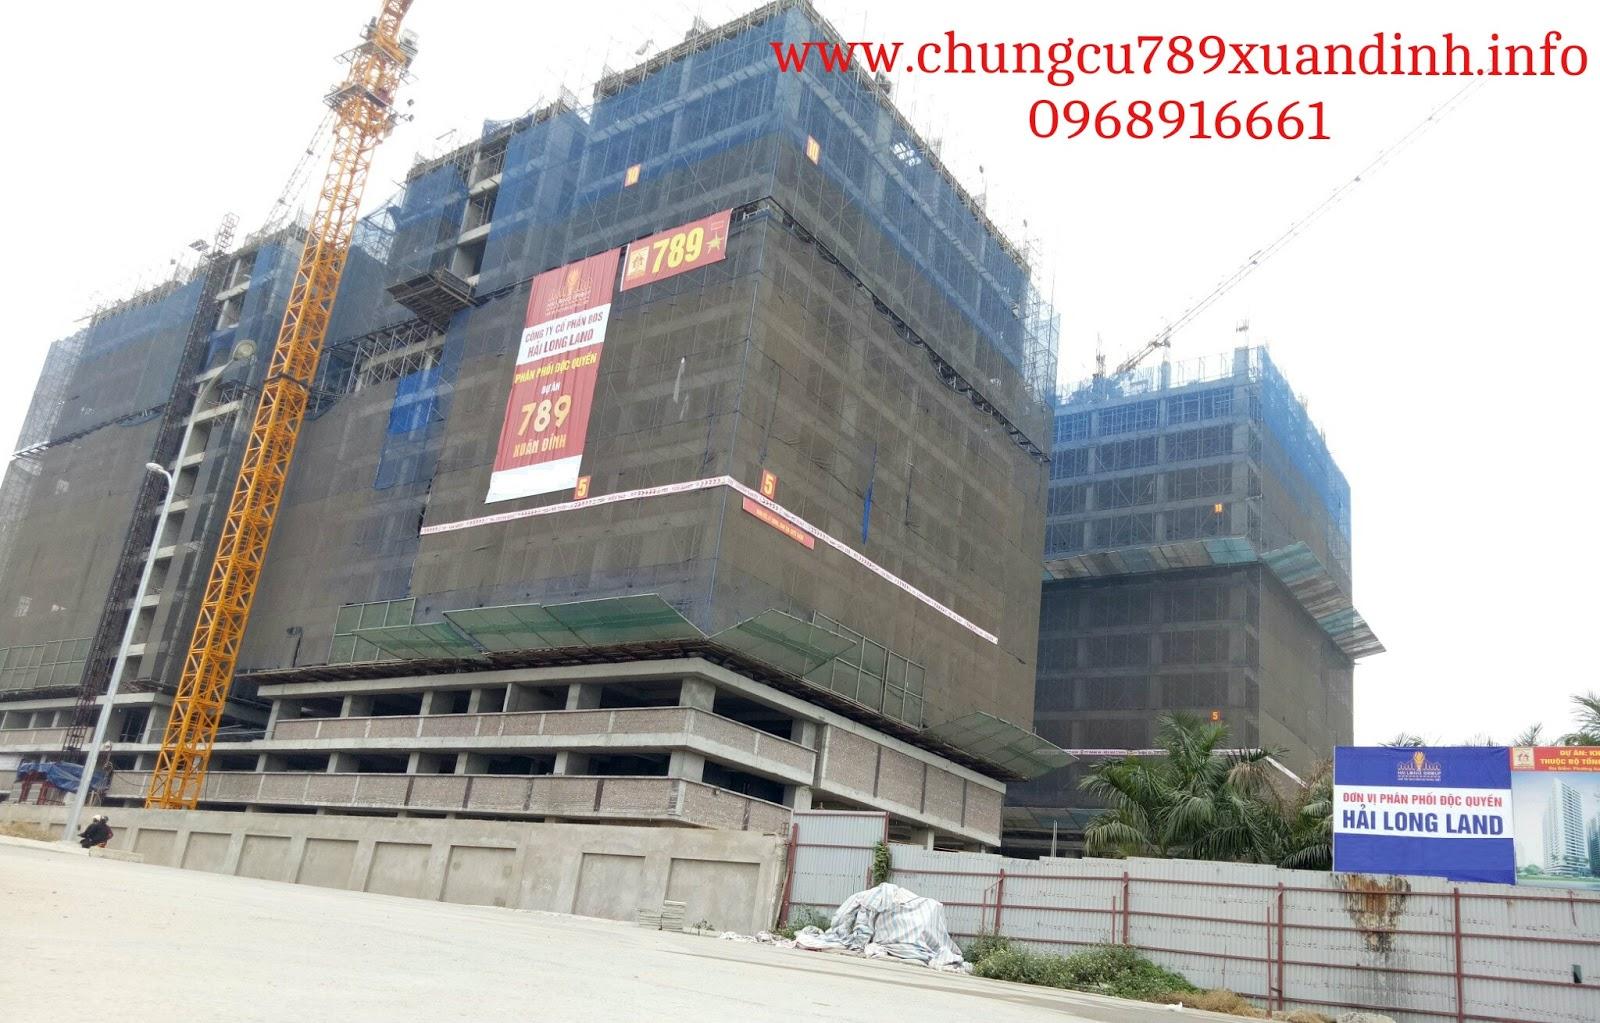 Hình ảnh thực tế dự án Chung cư 789 Xuân đỉnh | Ngày 1.1.2017